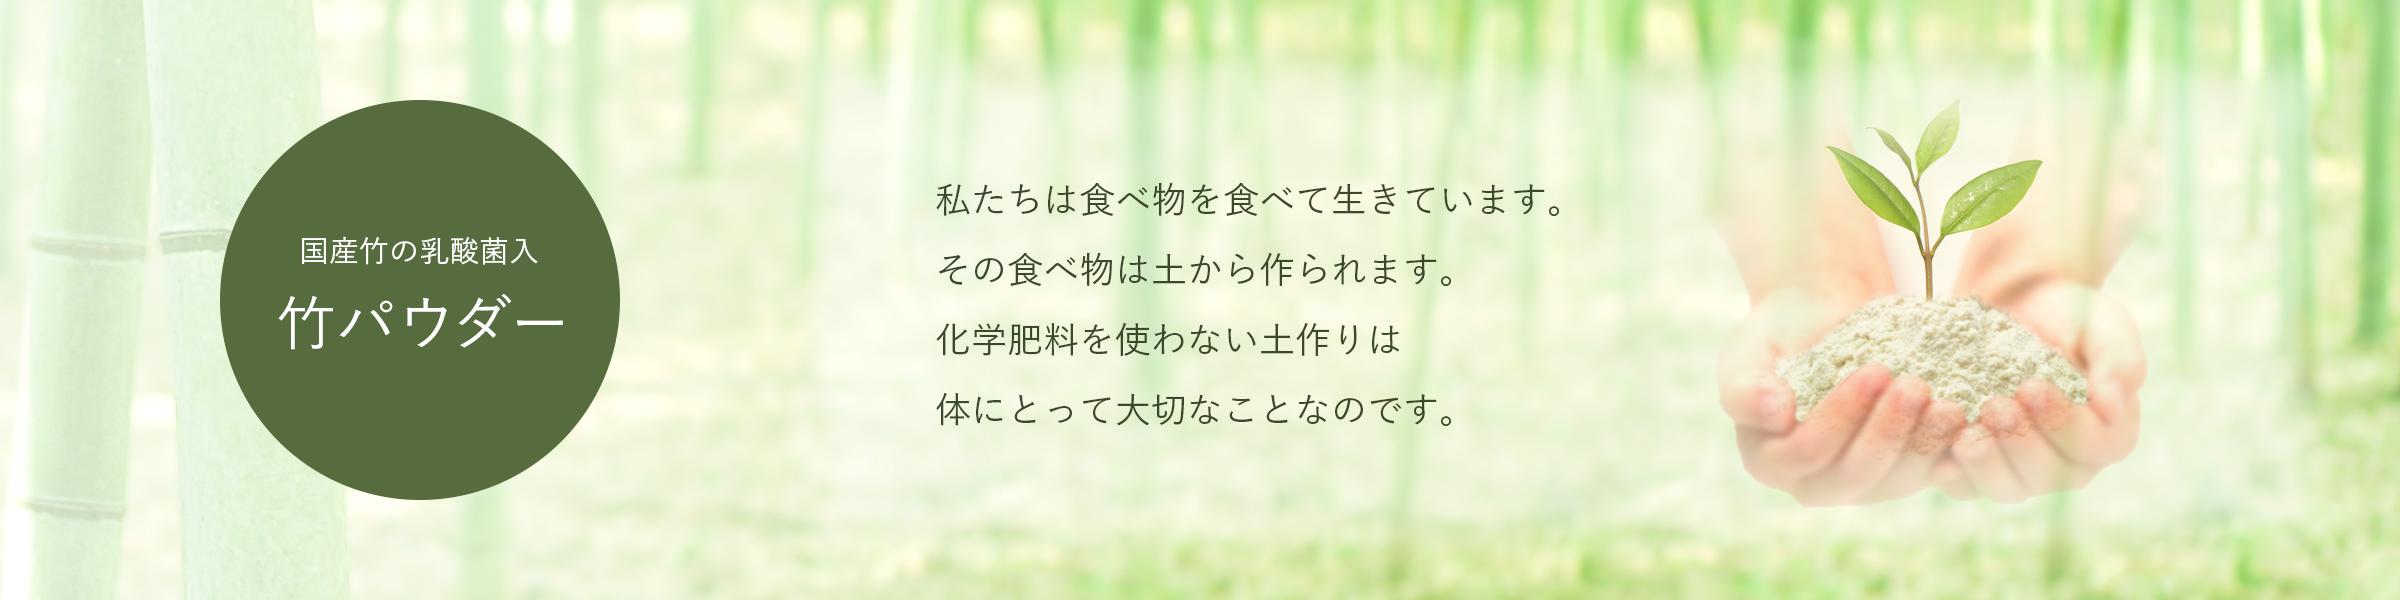 竹パウダー・竹の粉のことなら株式会社松本へ